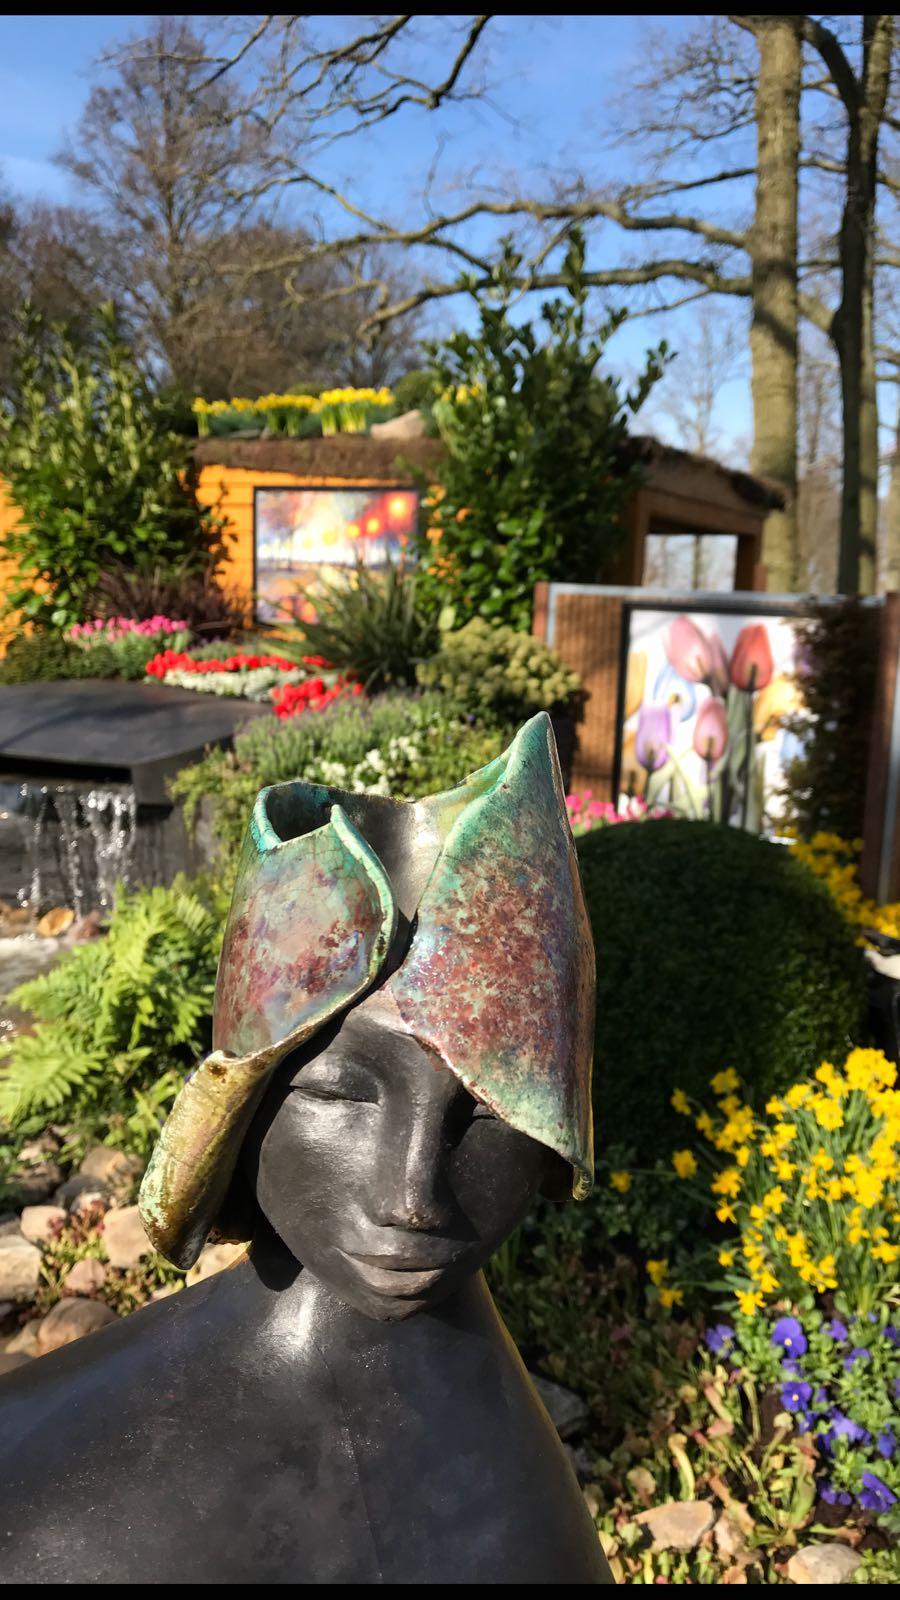 Tuinposter buiten galerie